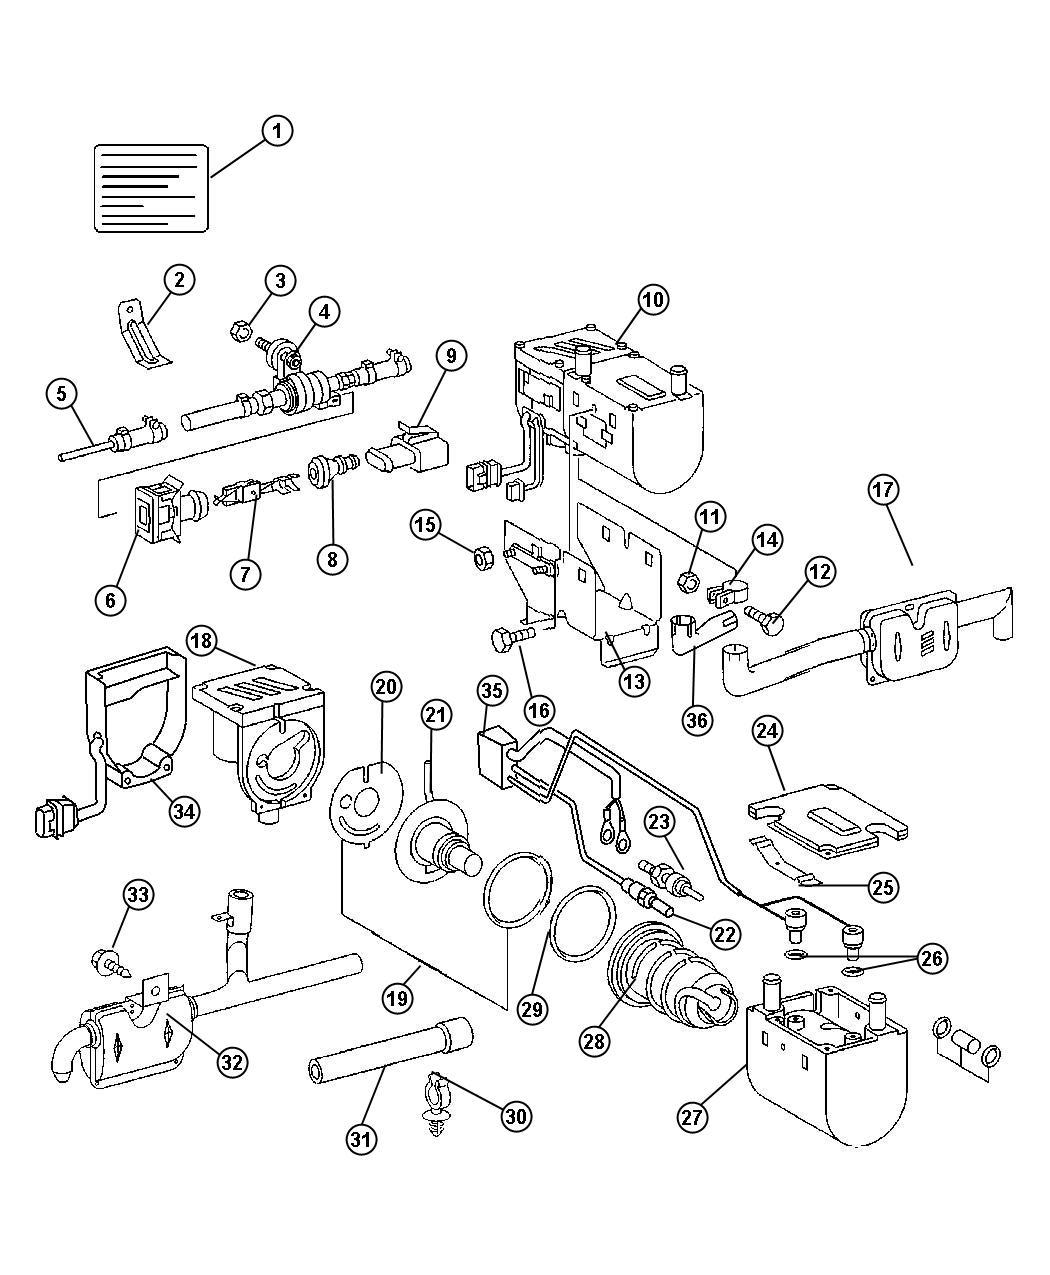 2004 Dodge Sprinter 2500 Heater. Supplemental diesel fuel